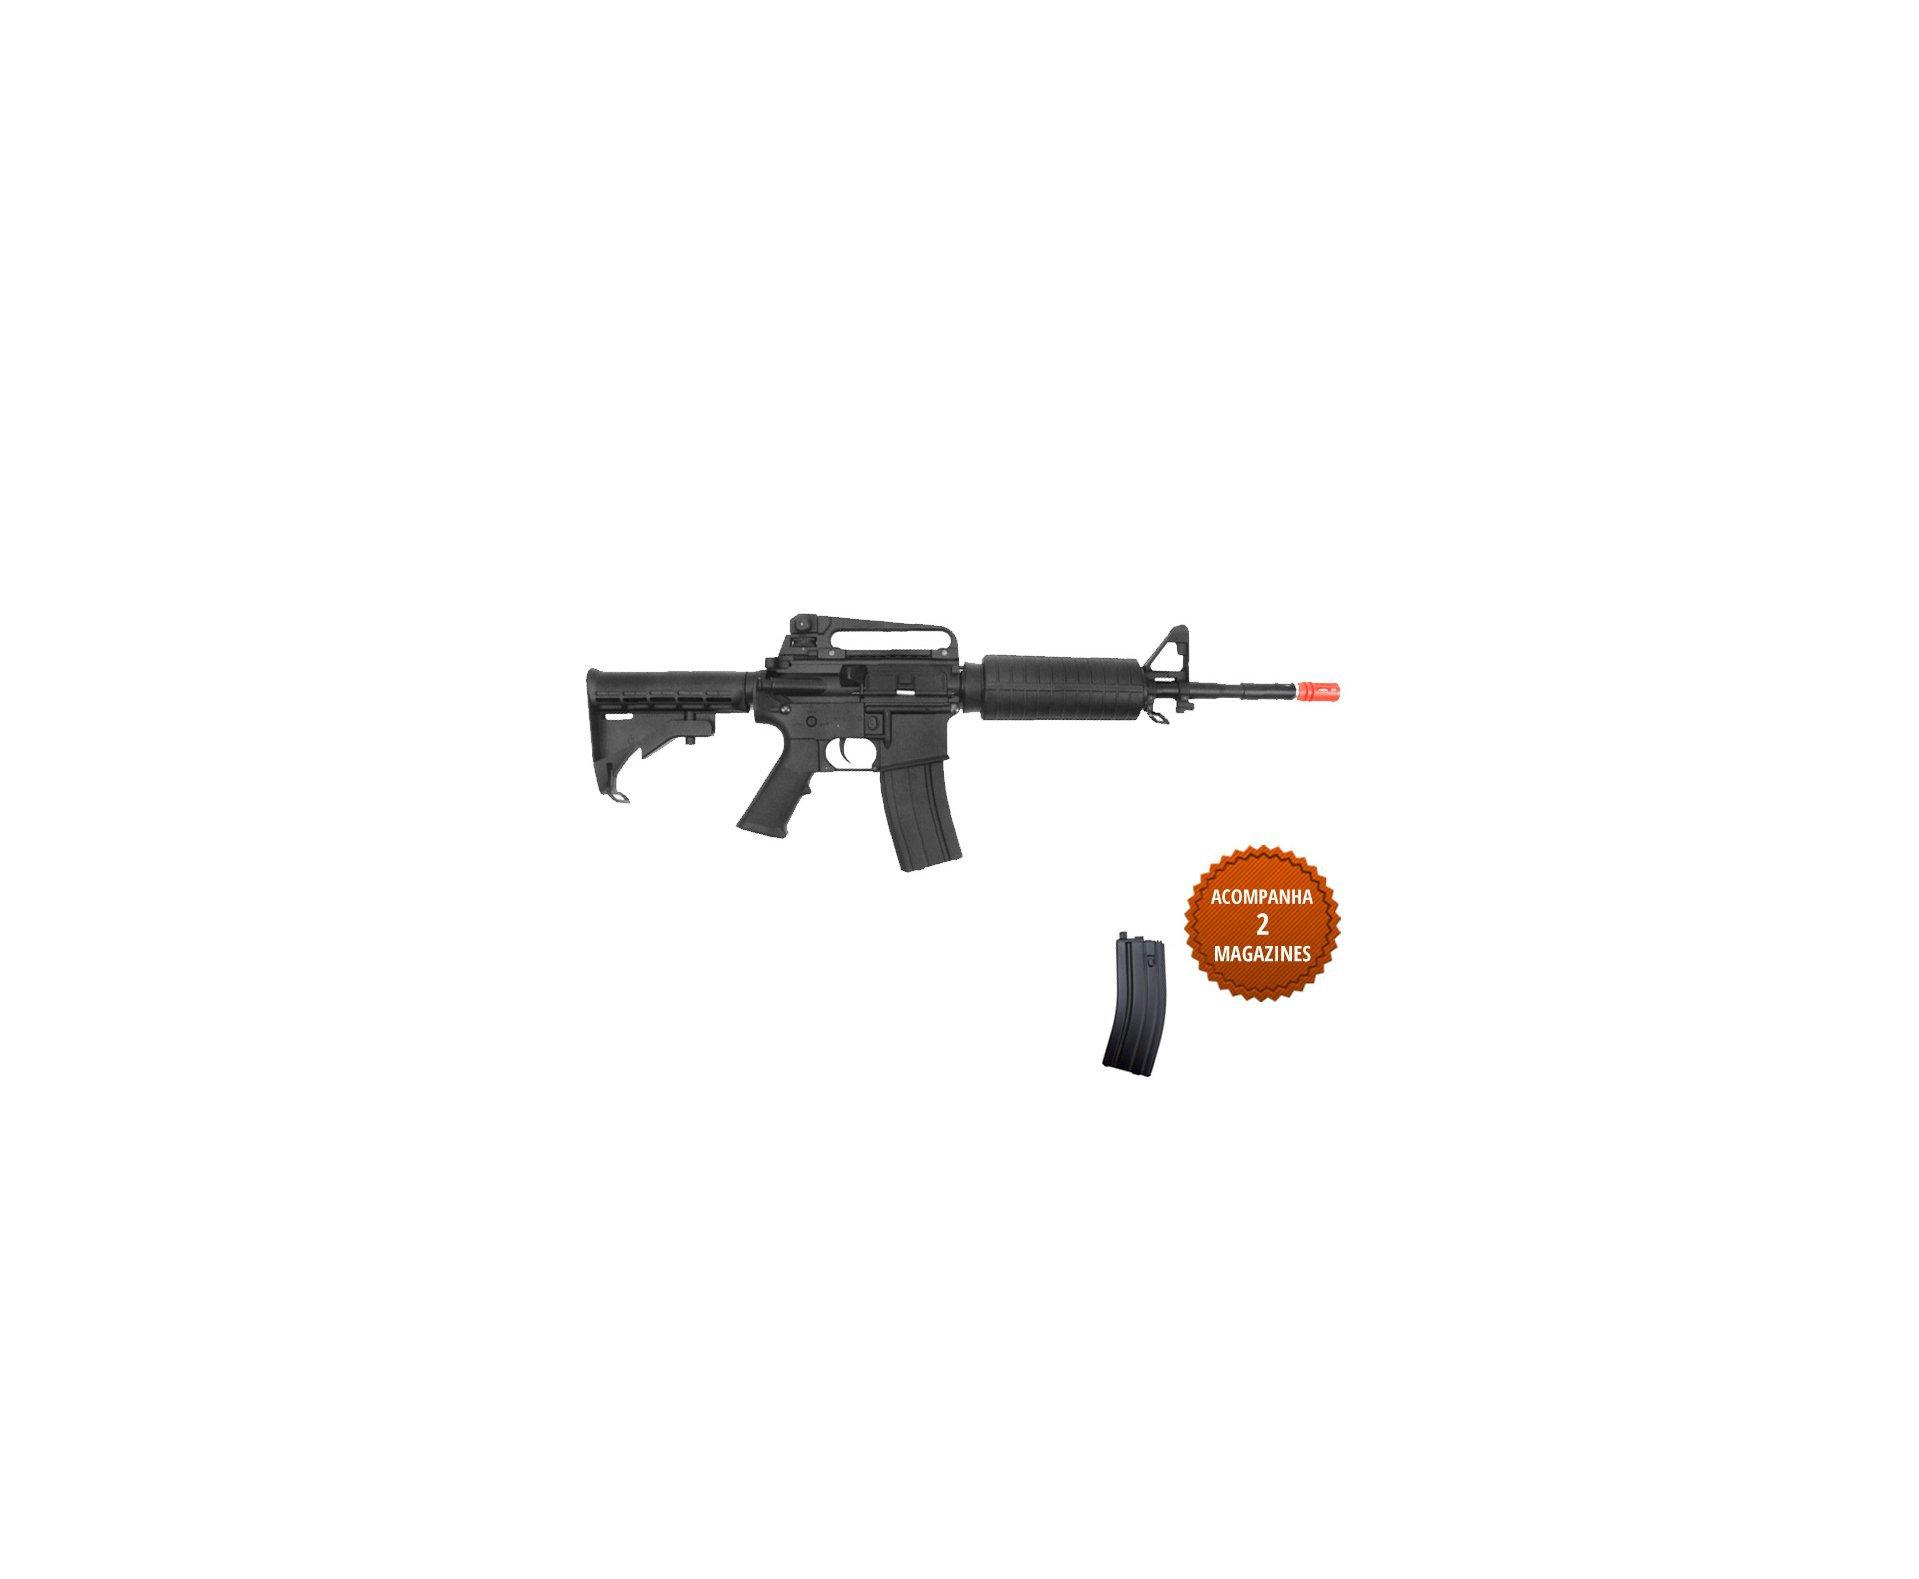 Rifle De Airsoft Colt M4a1 Carbine - Elétrico - Cal 6,0 Mm + Red Dot Hd22c + Trilho M4